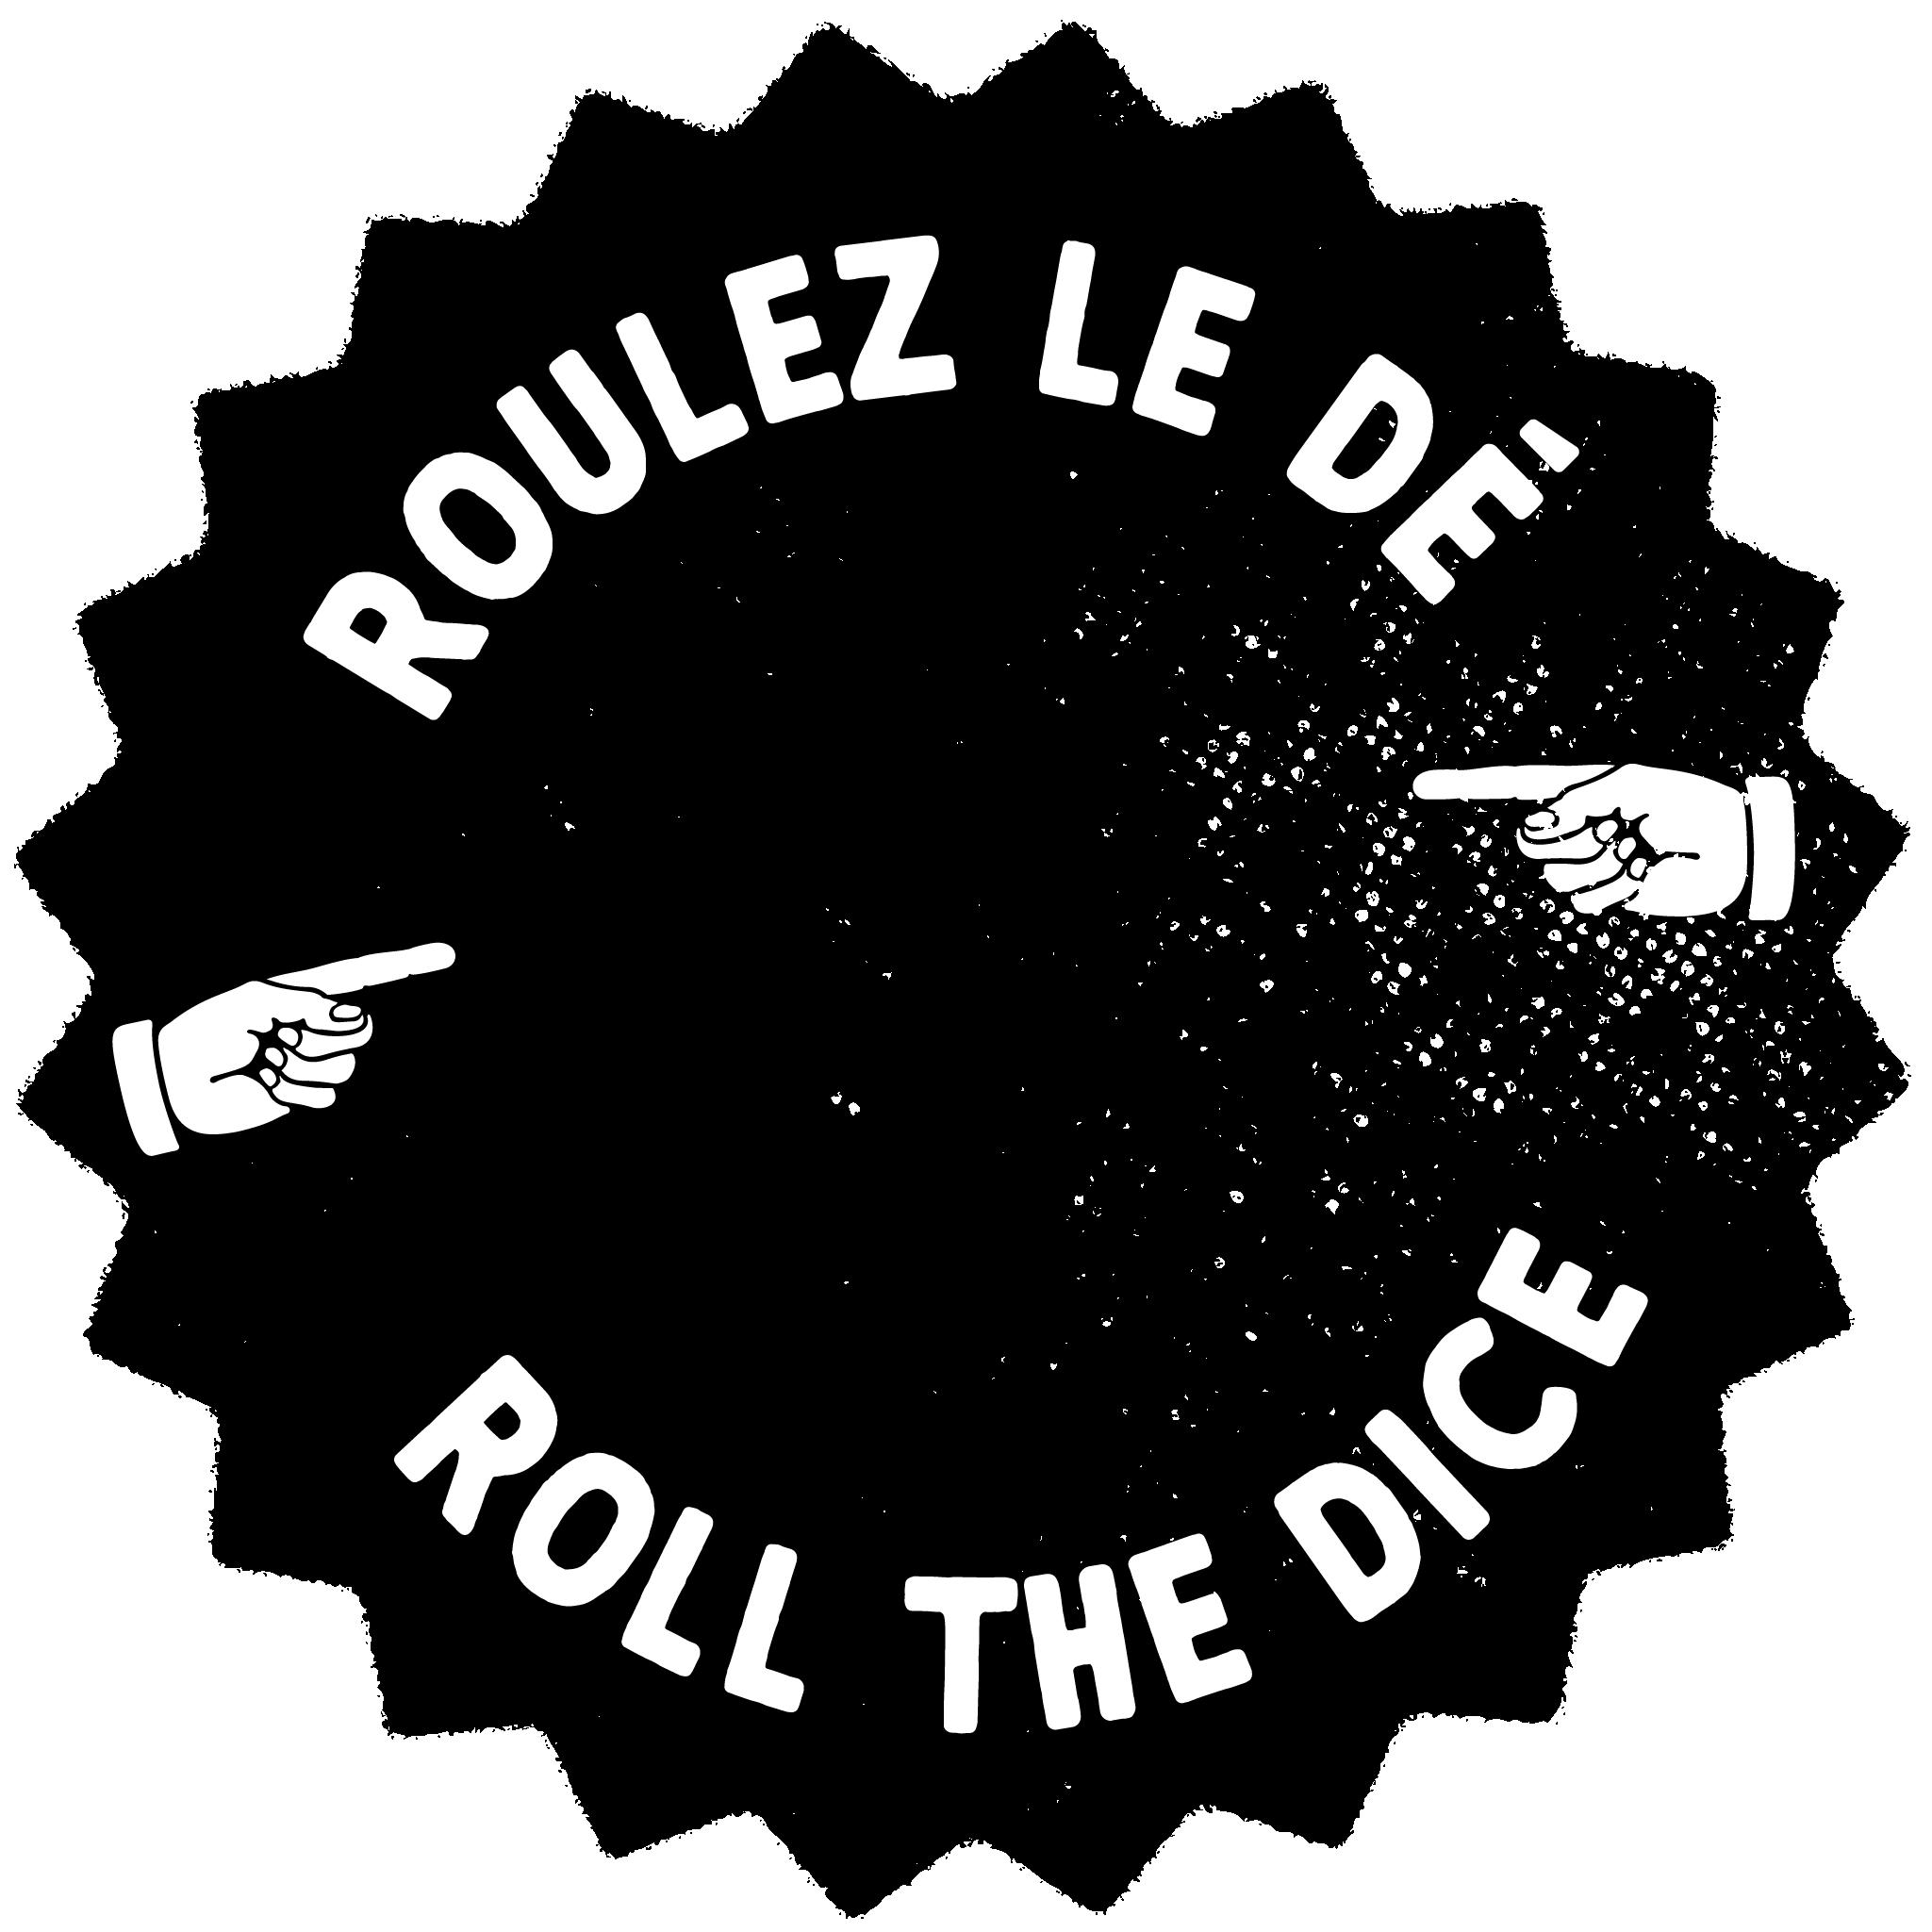 Roulez le dé! Roll the dice!